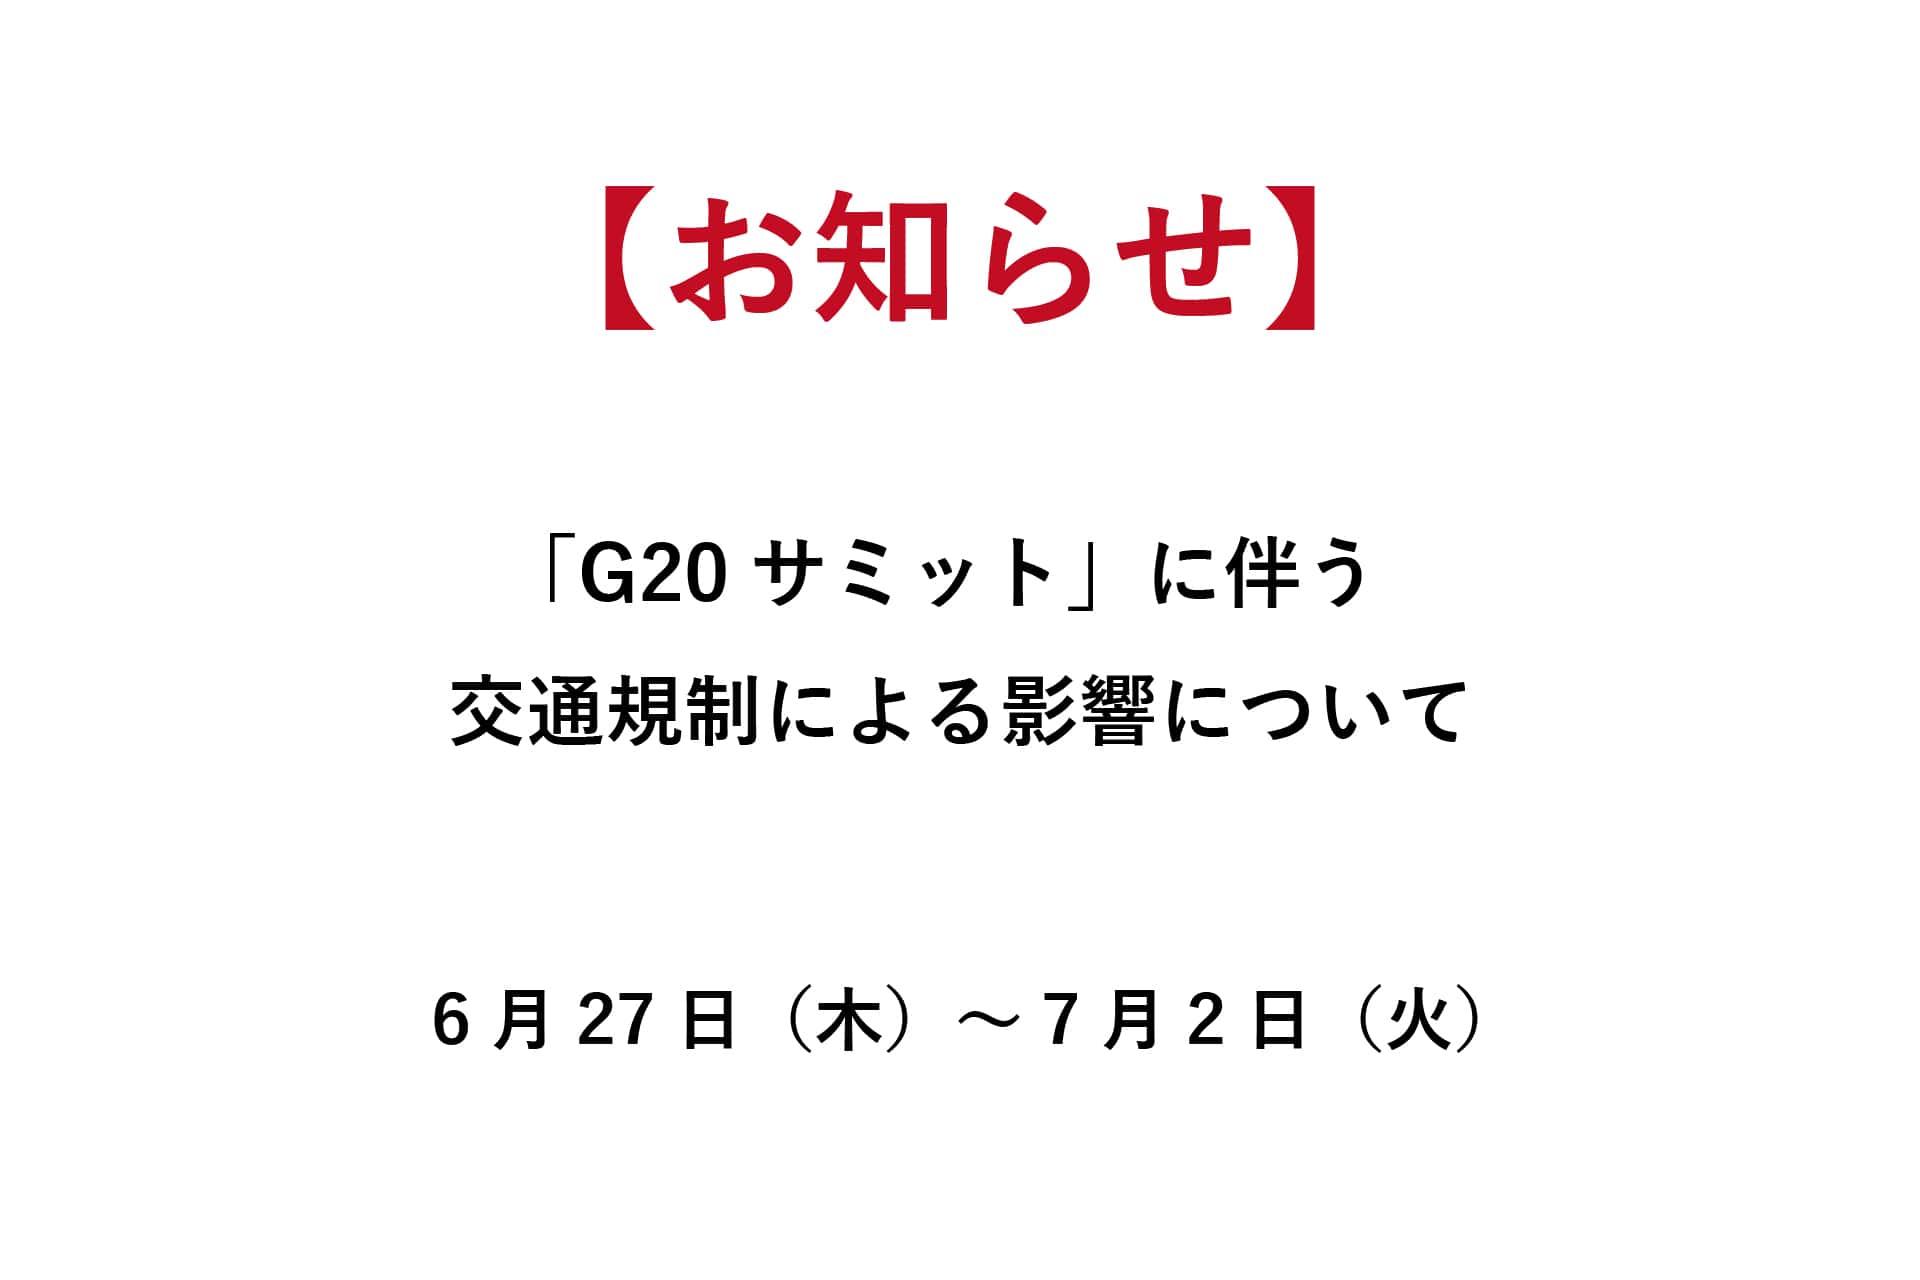 お知らせ「G20」の影響